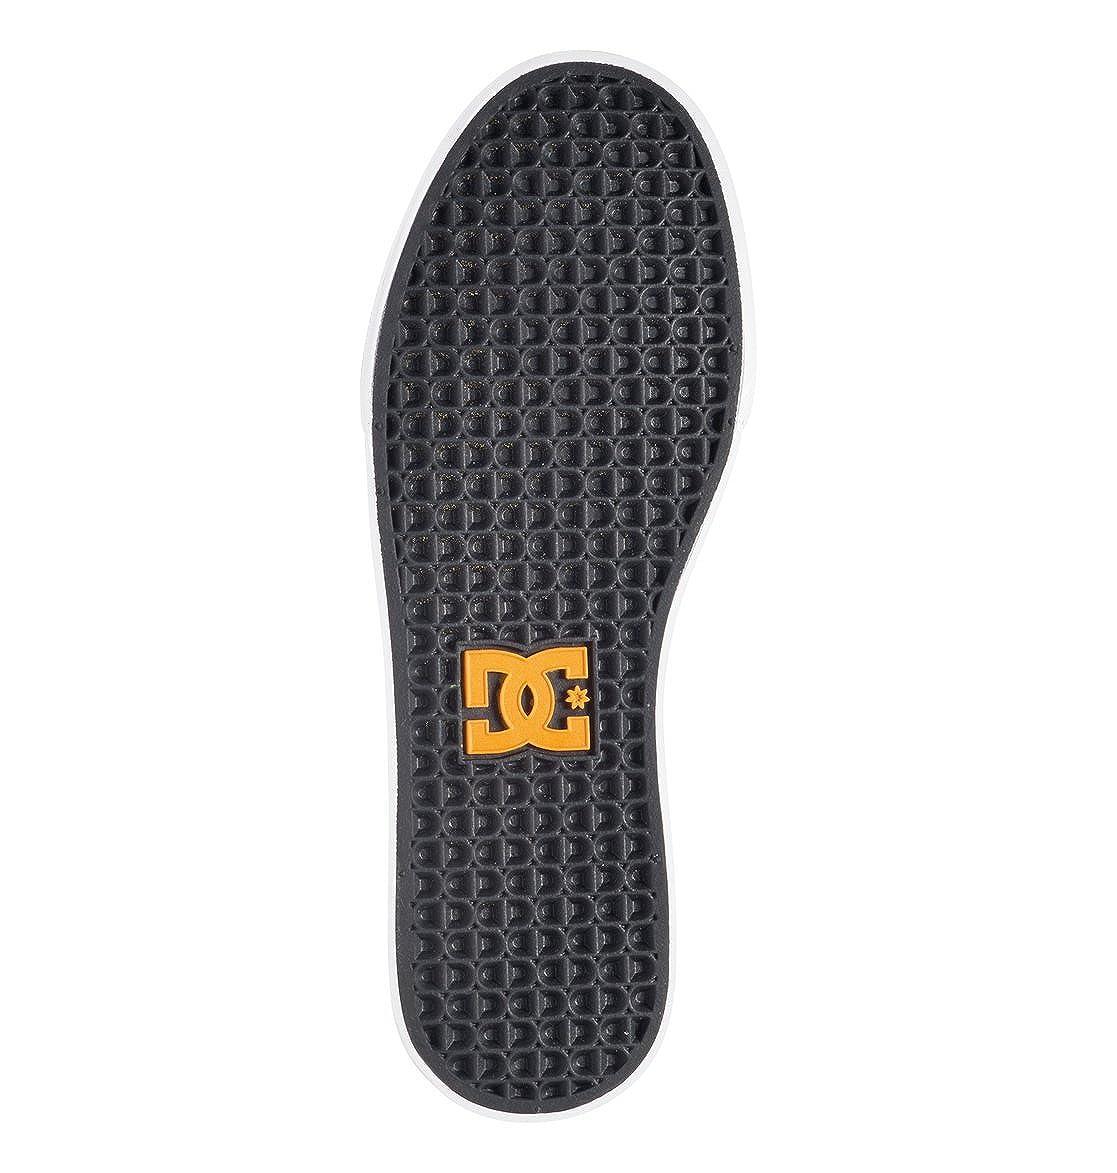 DC Herren Lynx VS VS VS Blabac Skate-Schuhe 5605a2